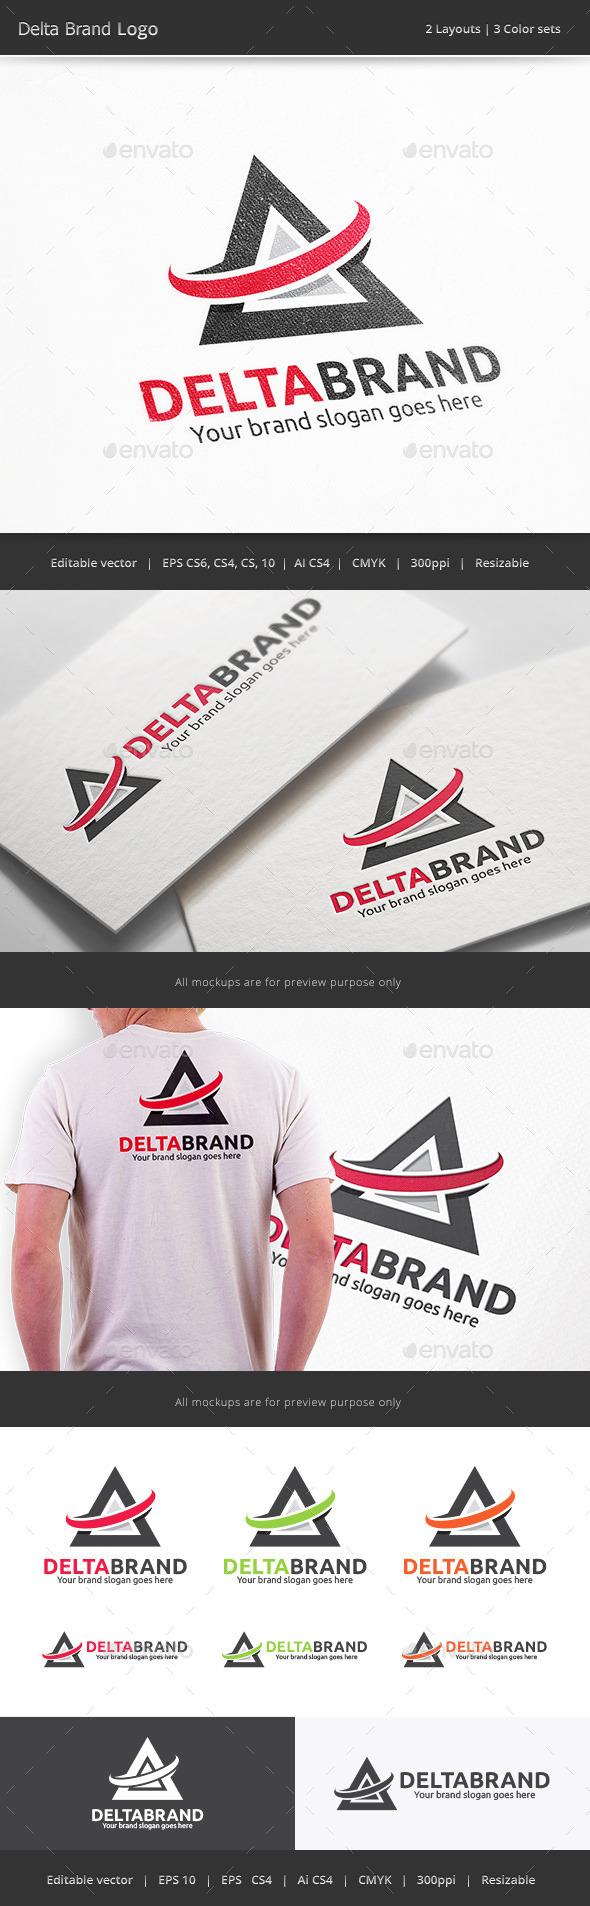 Delta Brand Logo - Vector Abstract